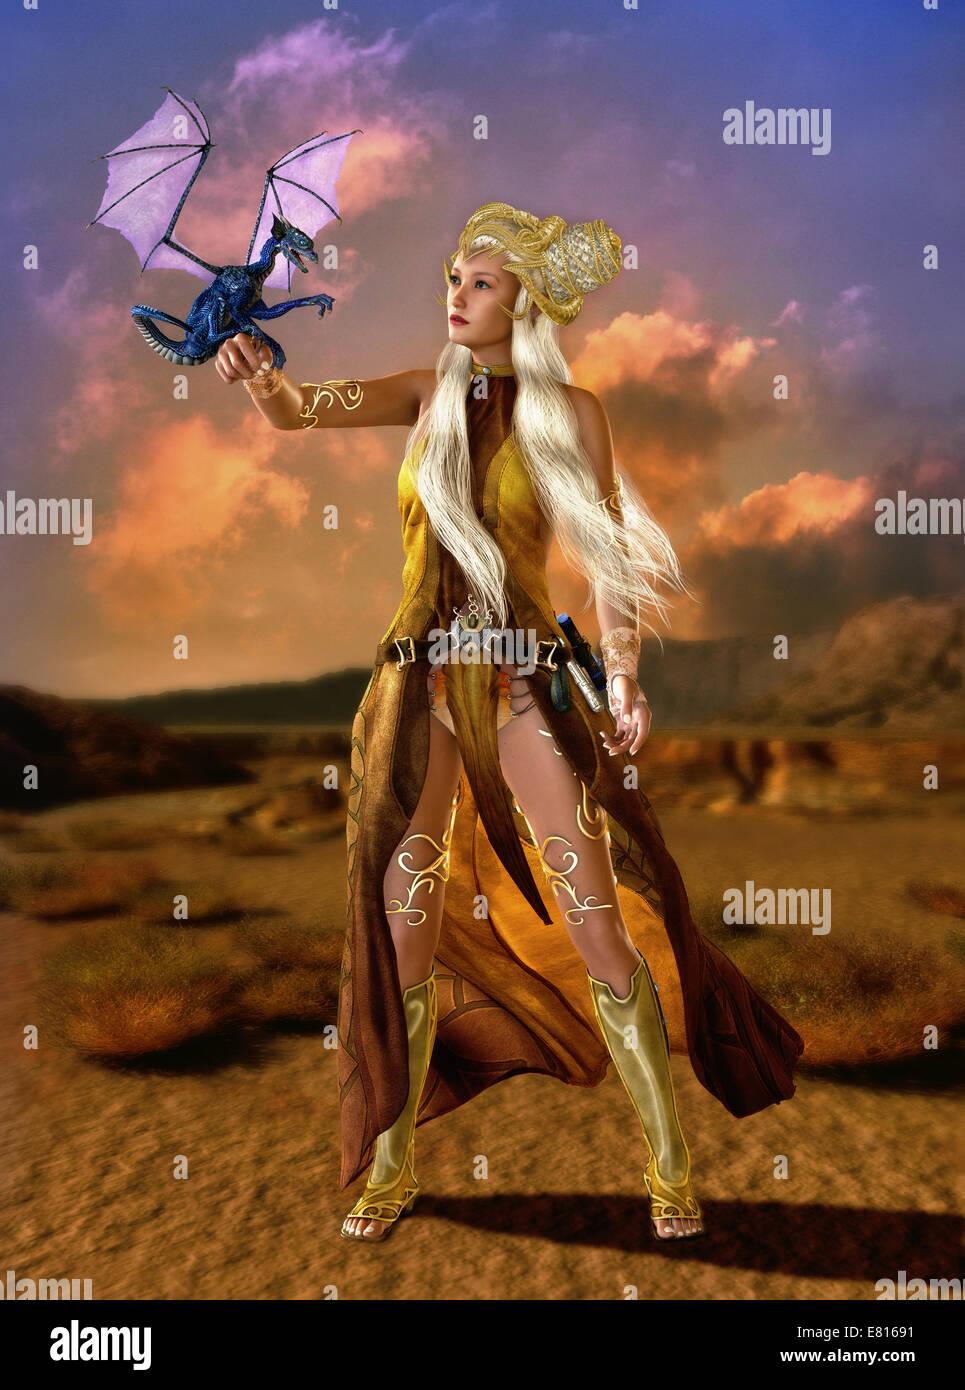 Dame mit Phantasie Frisur und Fantasy Kleidung mit einem Drachen Cub auf dem arm Stockbild